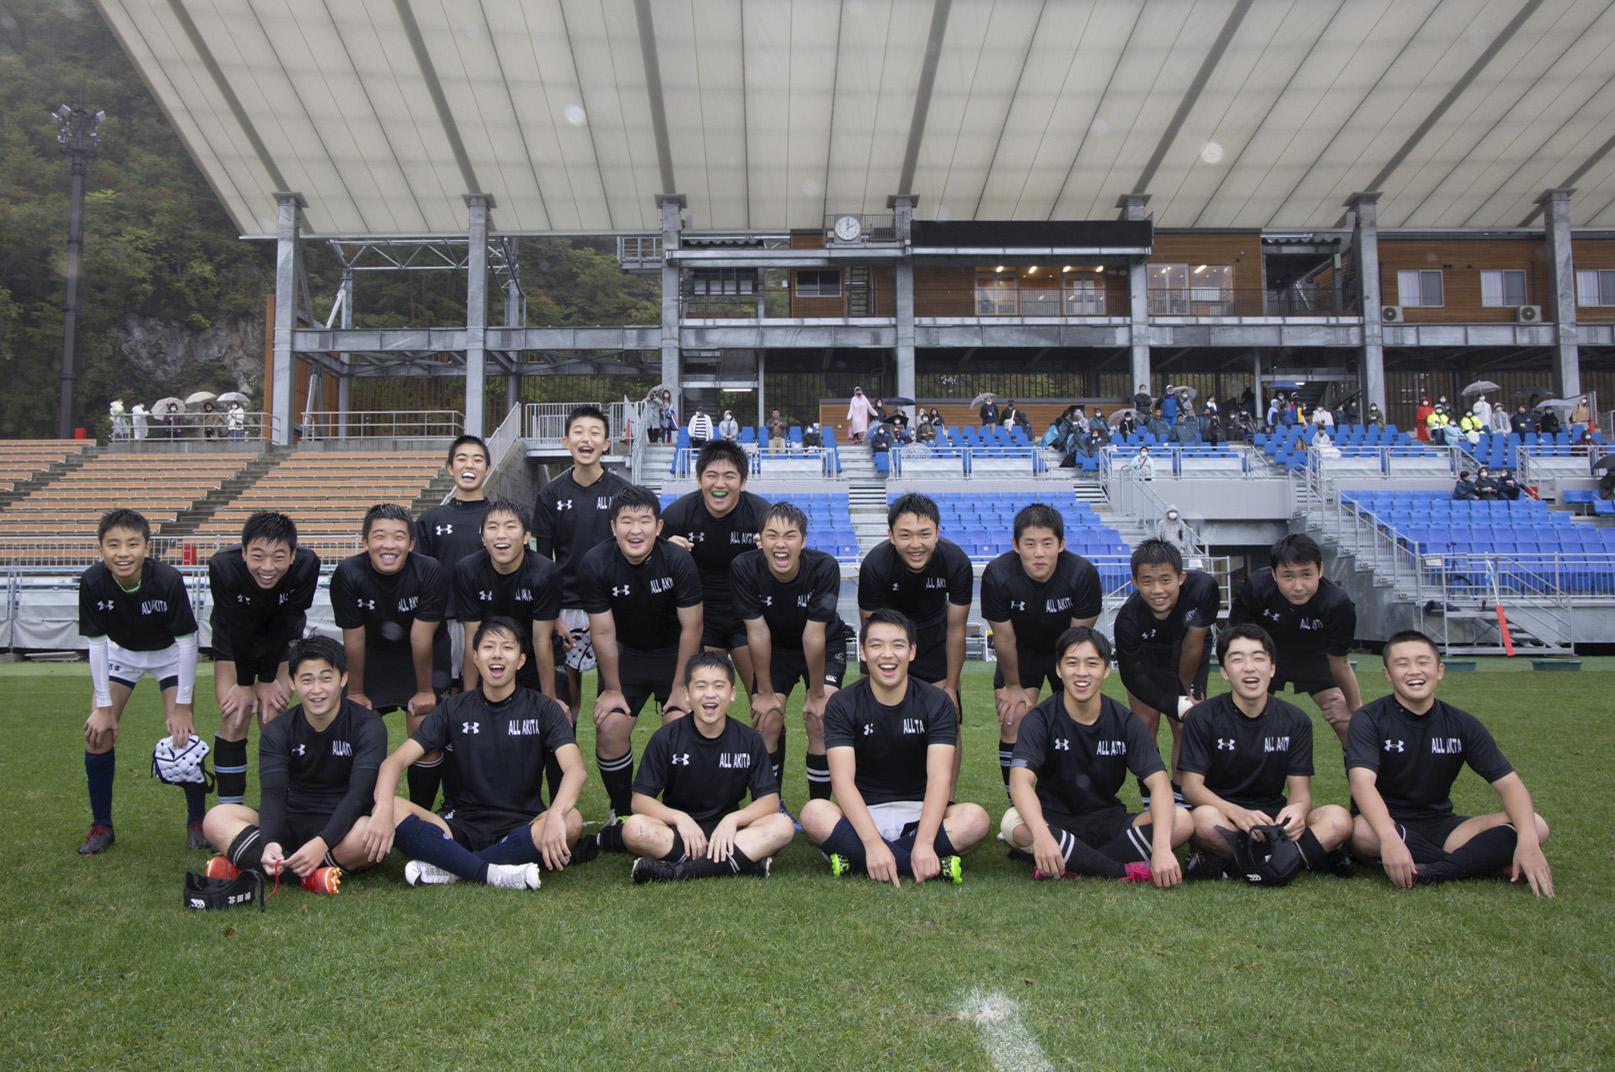 中学ラグビー 秋田県中学校選抜          困難こそ飛躍のときに 中学生ラガーマンの特別な1年